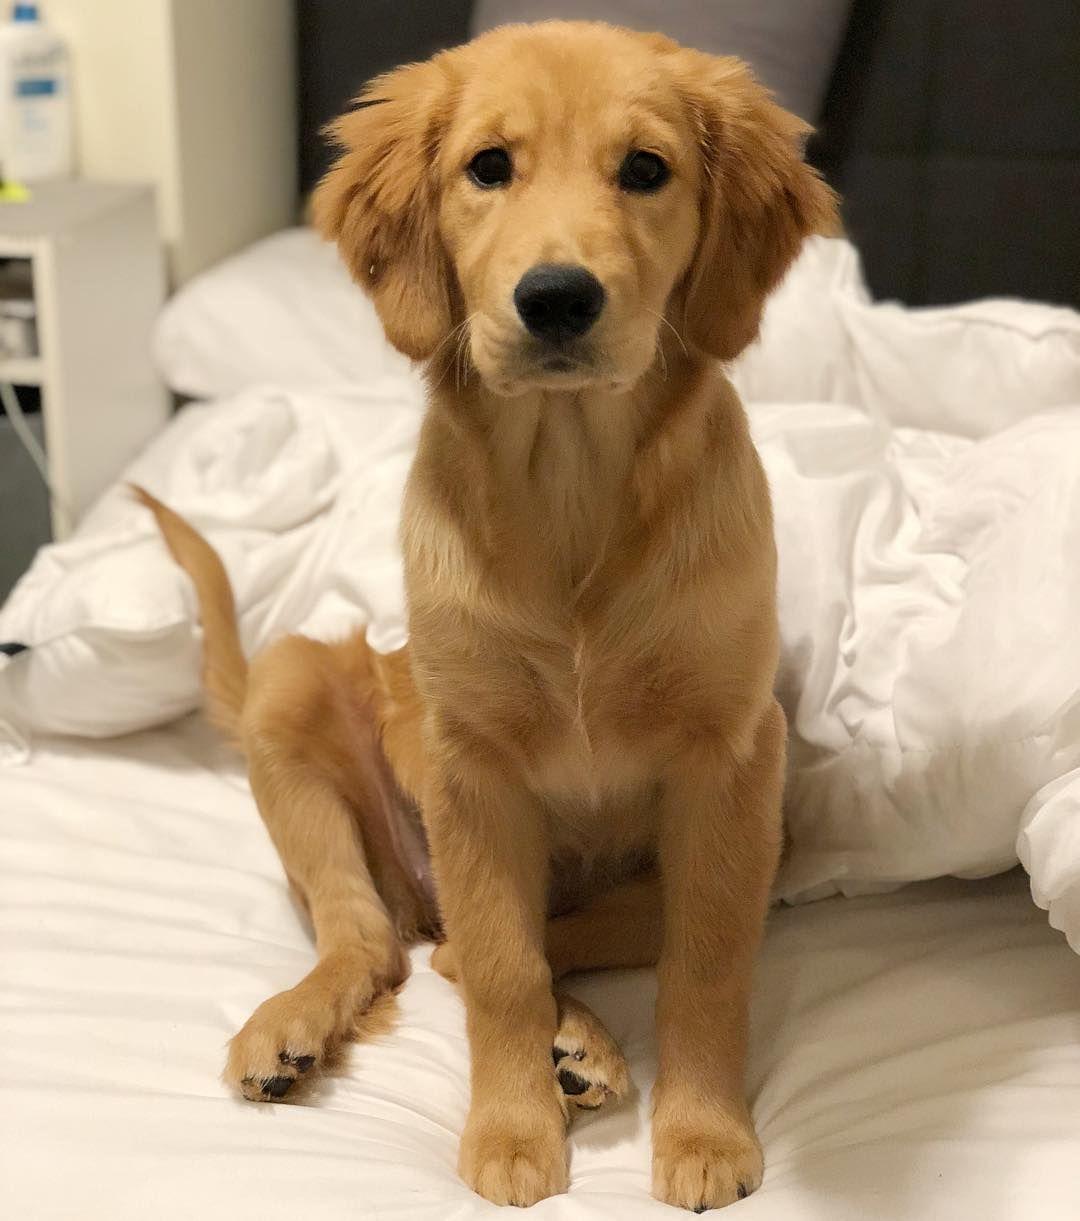 Classic Puppy Sit Goldenretriever Niedliche Tierbabys Hunde Tiere